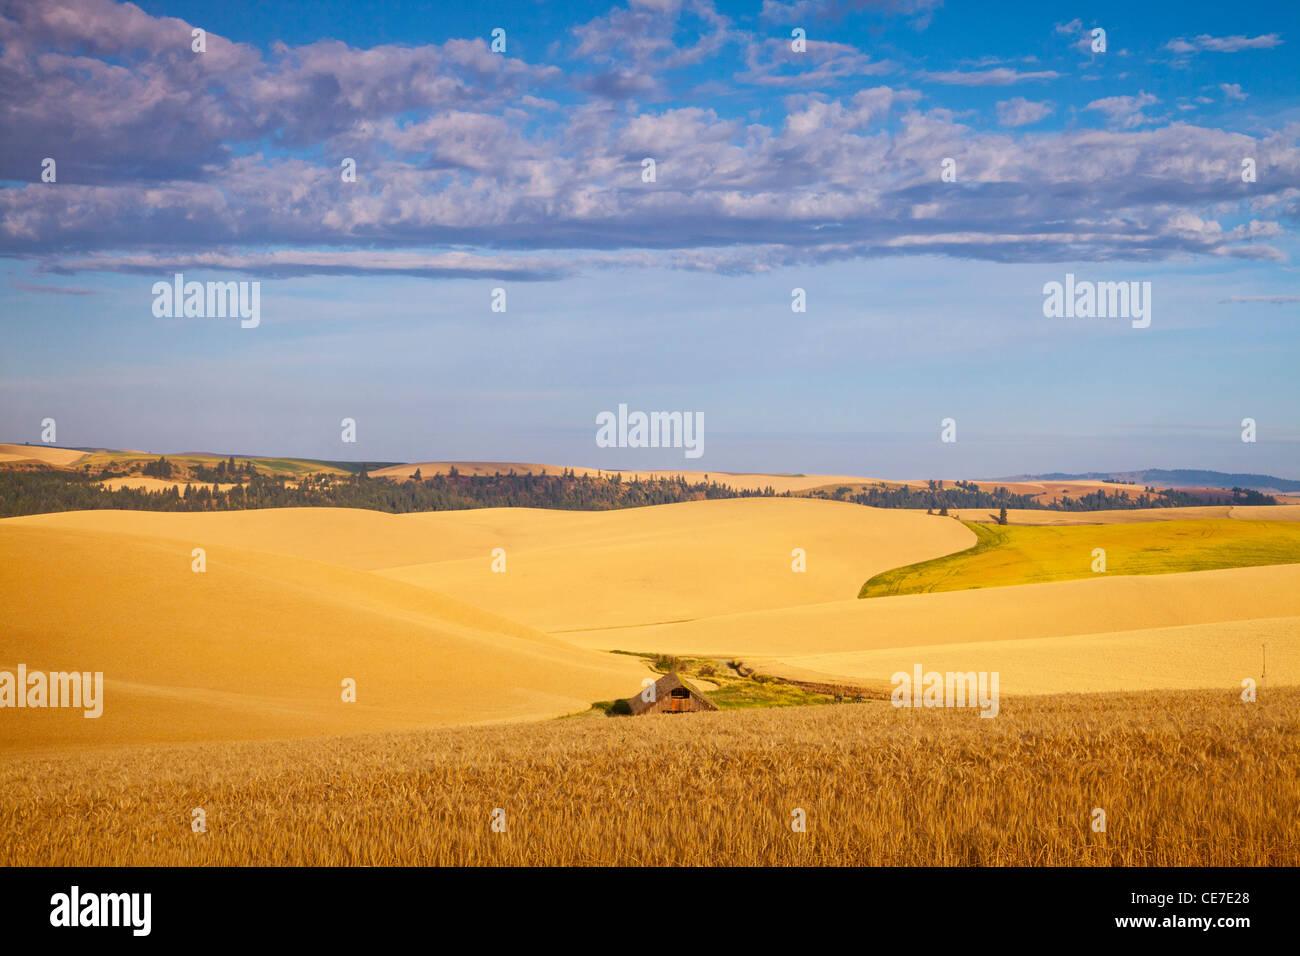 Ripe wheat fields near Kendrick, Idaho, USA - Stock Image